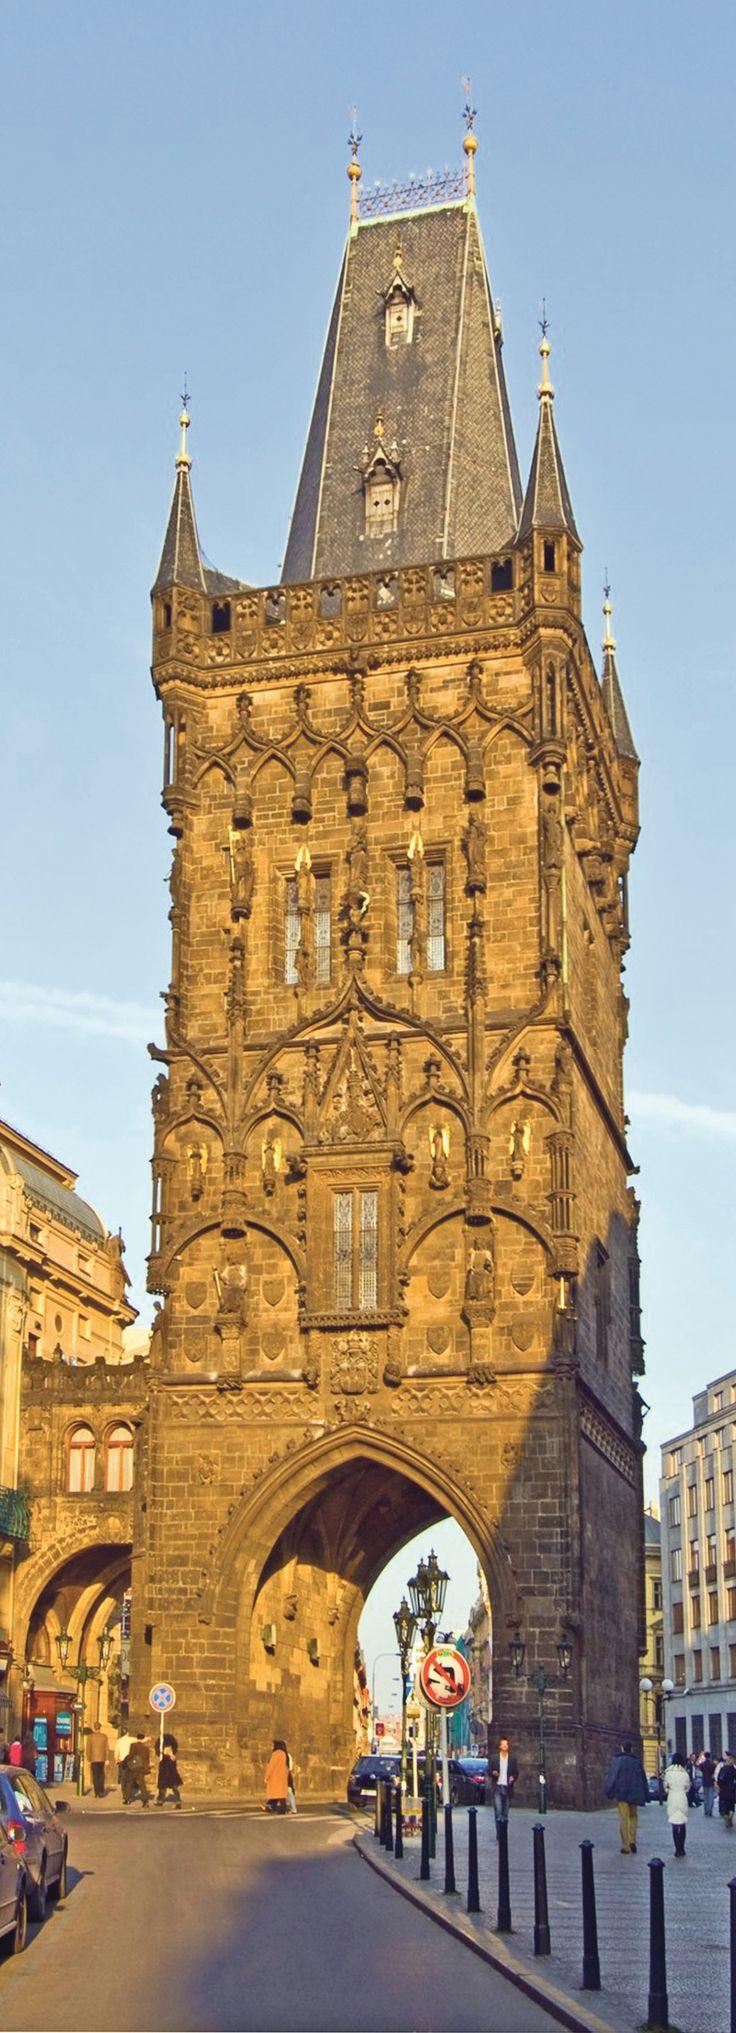 Torre delle Polveri - Risale al 1475 ed è uno dei più importanti monumenti tardo gotici di Praga. È il monumentale accesso alla Città Vecchia, attraverso il quale passava il corteo dell'incoronazione dei re boemi. La Torre delle Polveri, che un tempo veniva utilizzata come deposito della polvere da sparo, è considerata ancora oggi l'inizio della Via dell'Incoronazione o della Via Reale, che conduce al Castello di Praga. Il ballatoio panoramico si trova ad un'altezza di 44 metri.